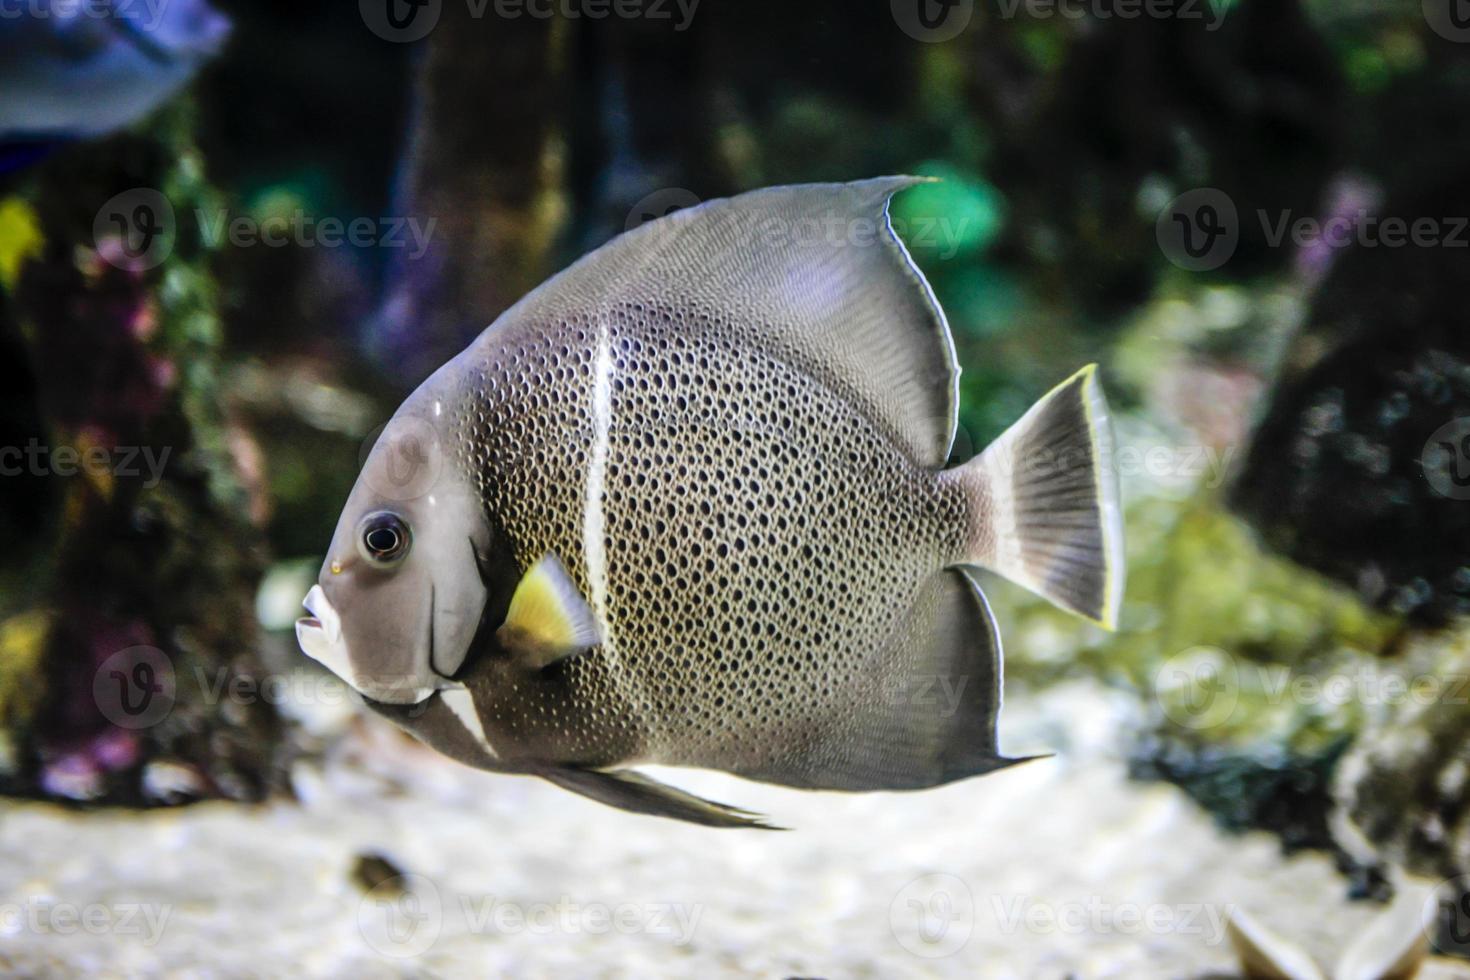 angelo di mare grigio della famiglia pomacanthidae foto